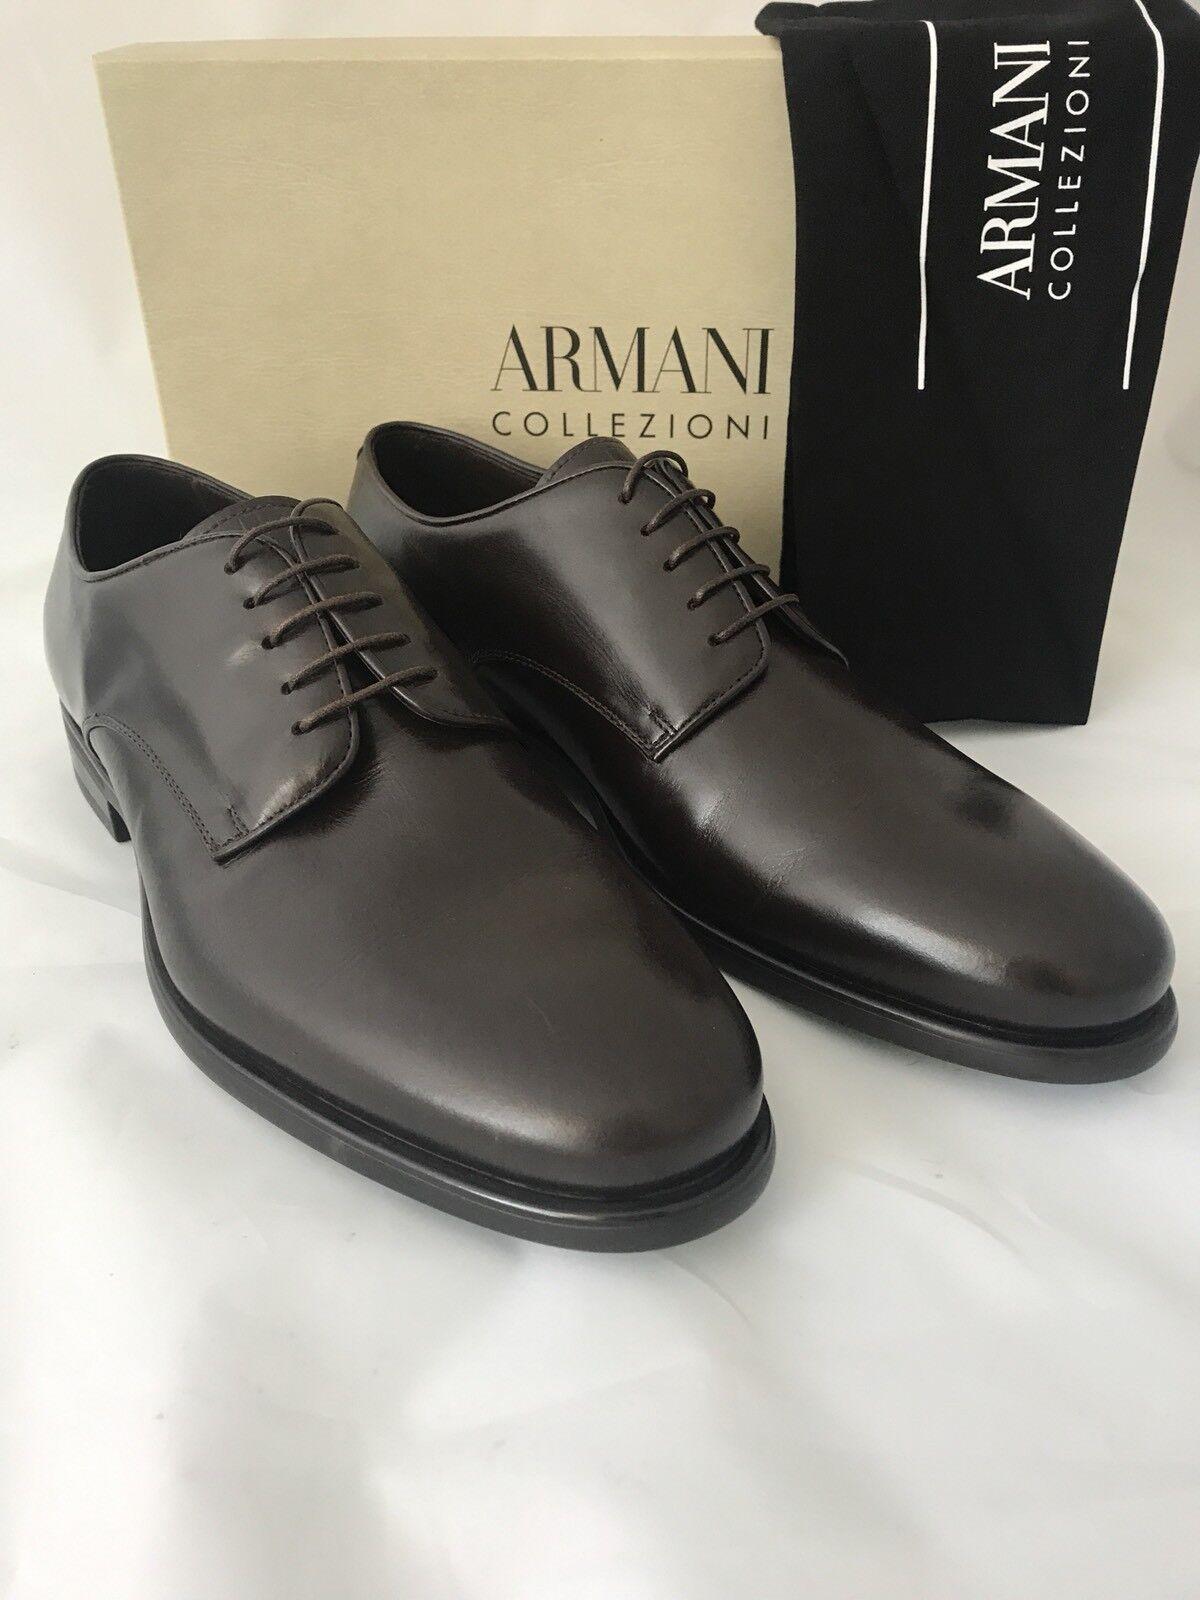 NIB 795 Armani Collezioni Uomo's Shoes Brown 12.5 45.5 Eu